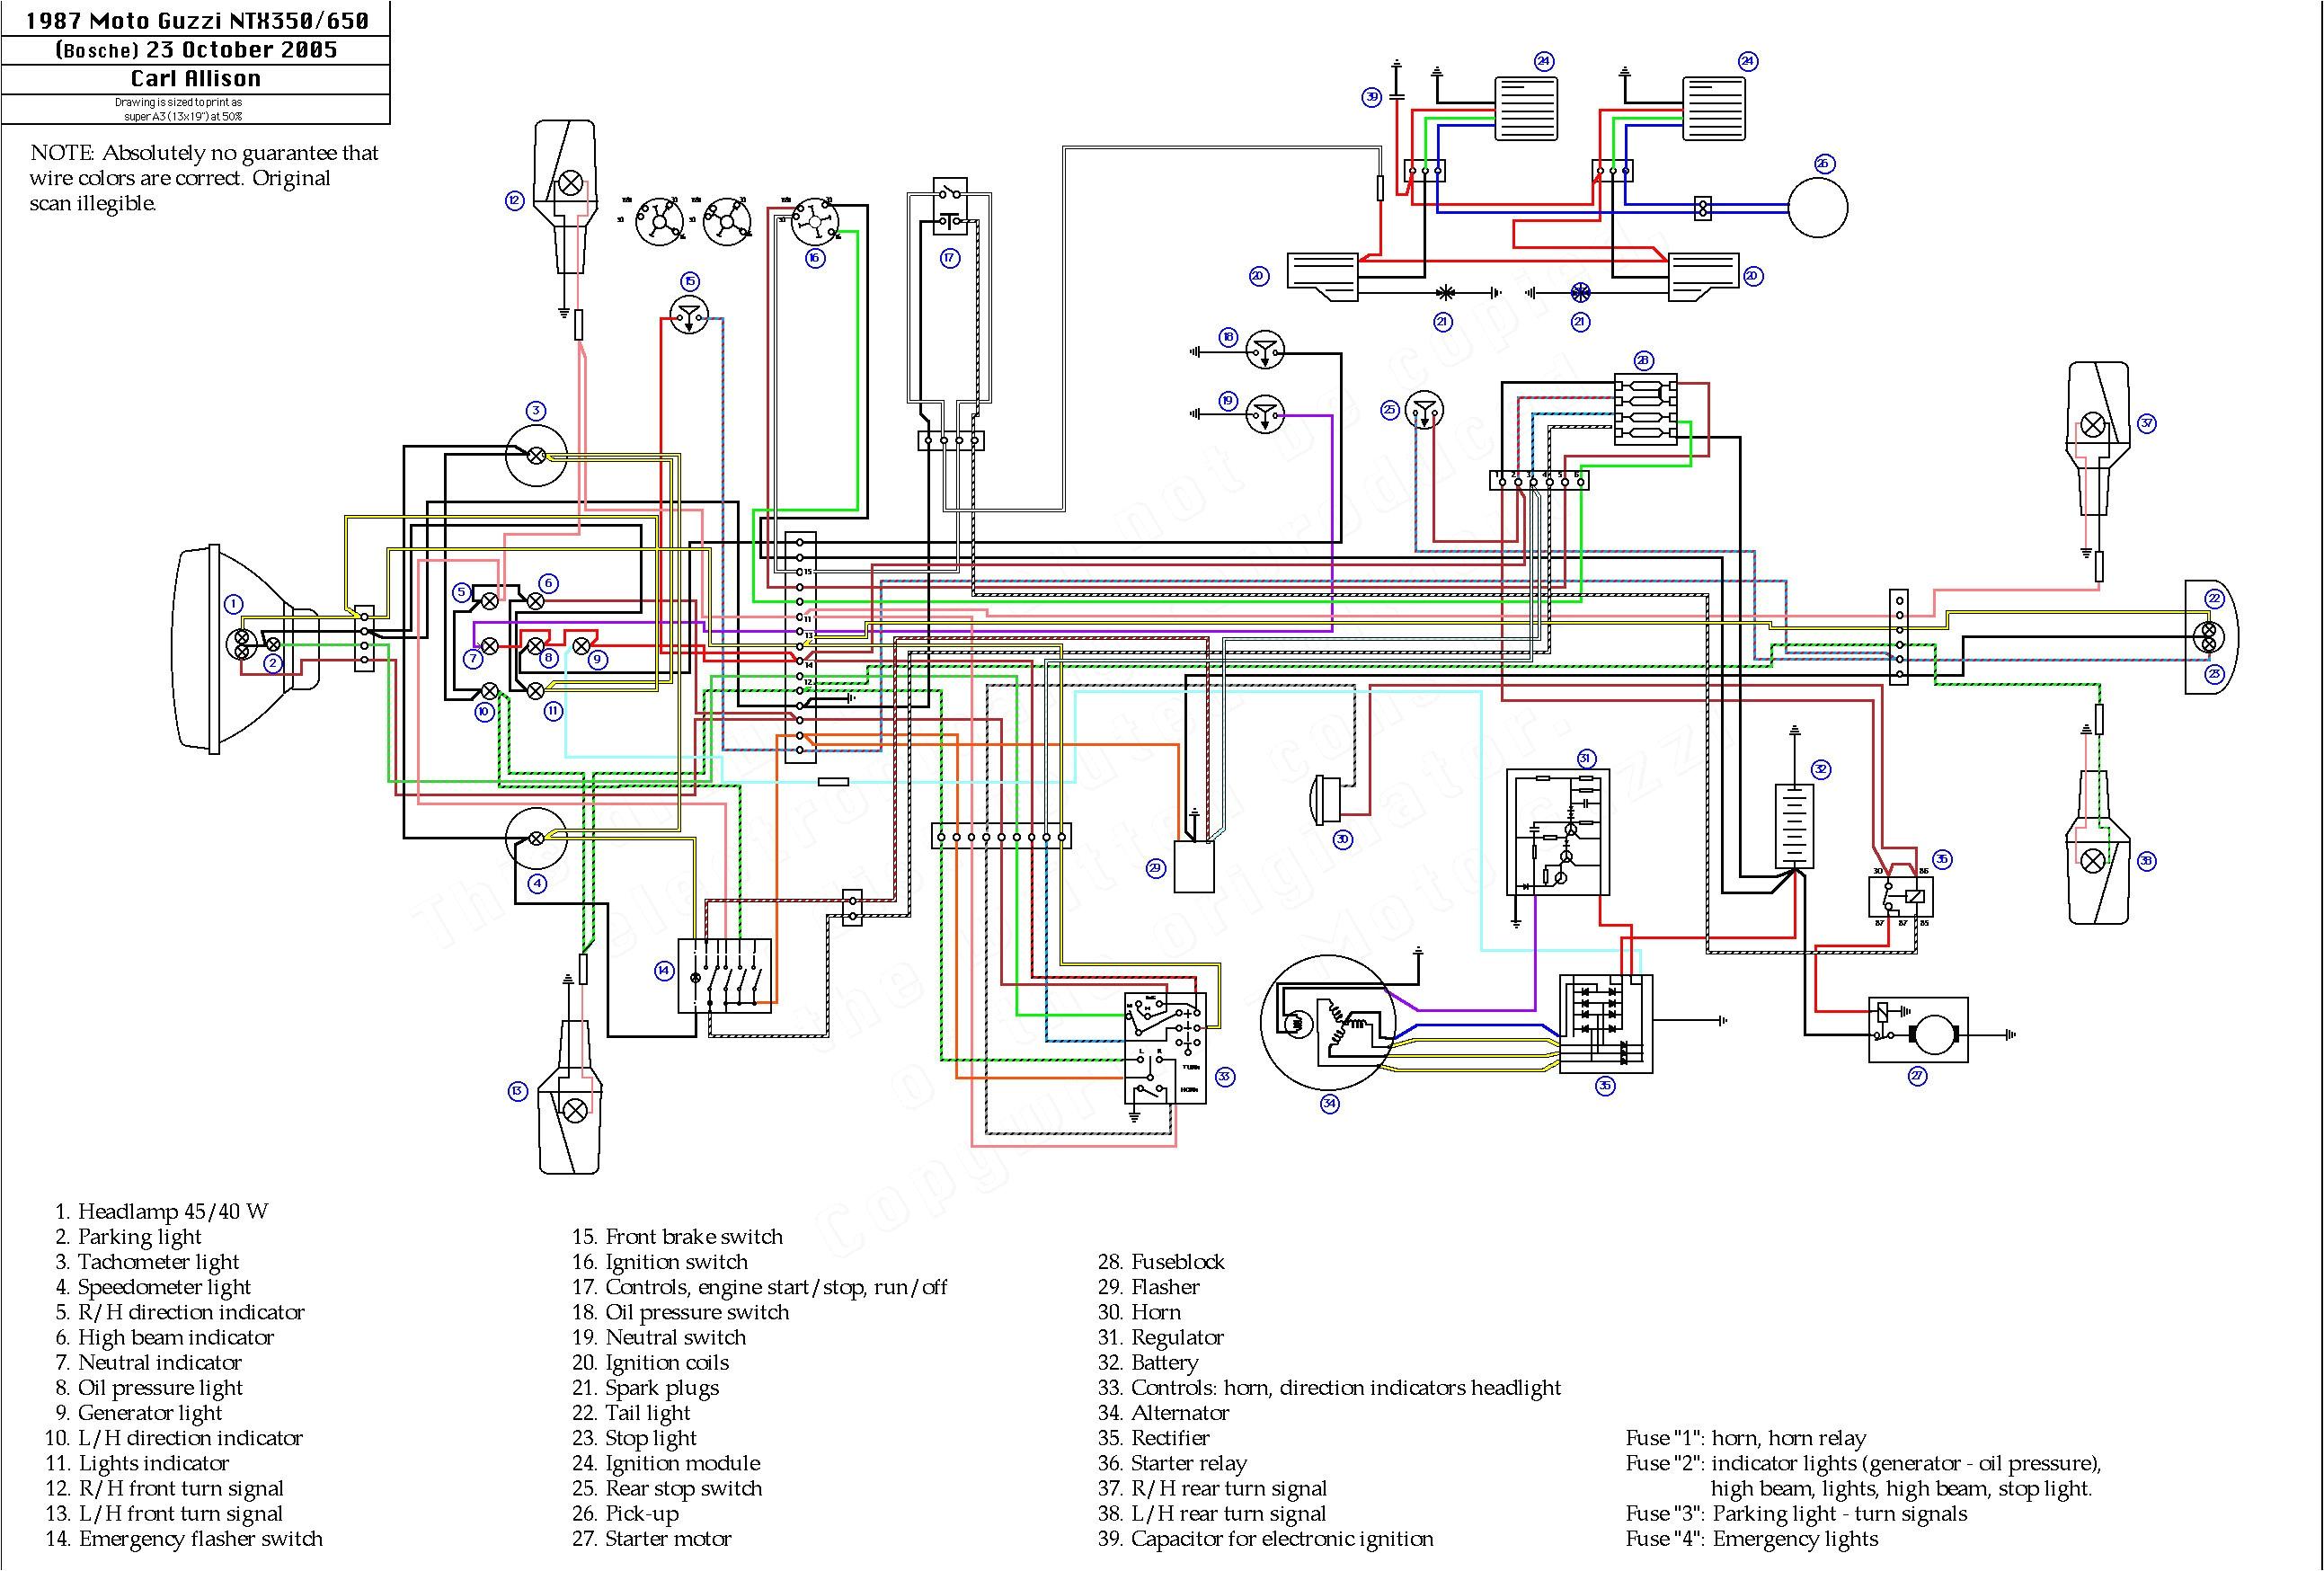 Warrior 350 Wiring Diagram 2007 Weekend Warrior Wiring Diagram Wiring Diagram Sheet